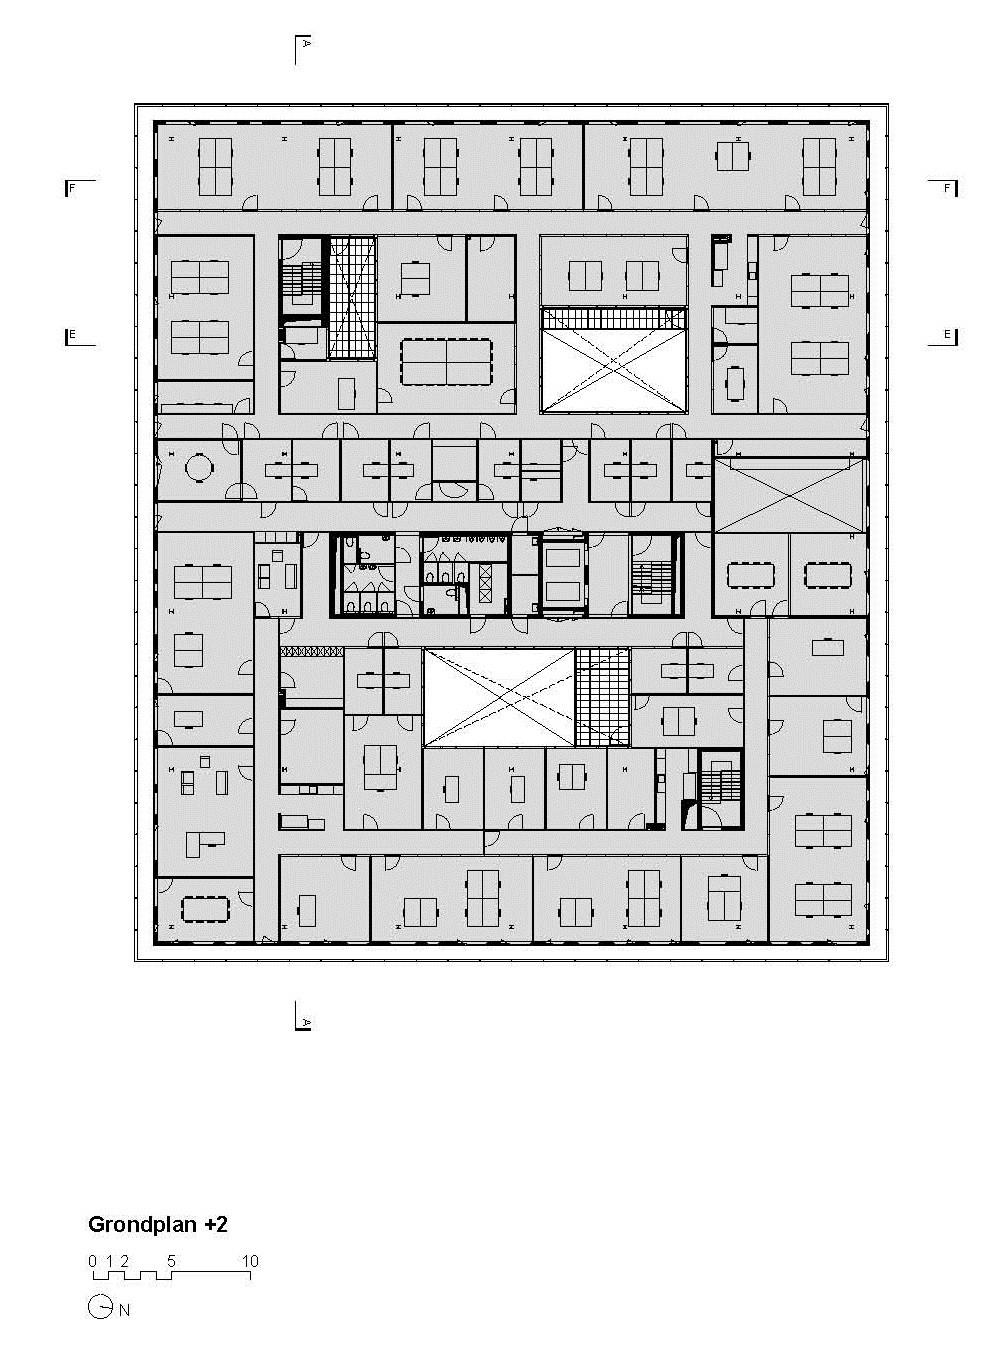 hight resolution of  schematic generator wiring schematic politiecommissariaat brugge second floor plan